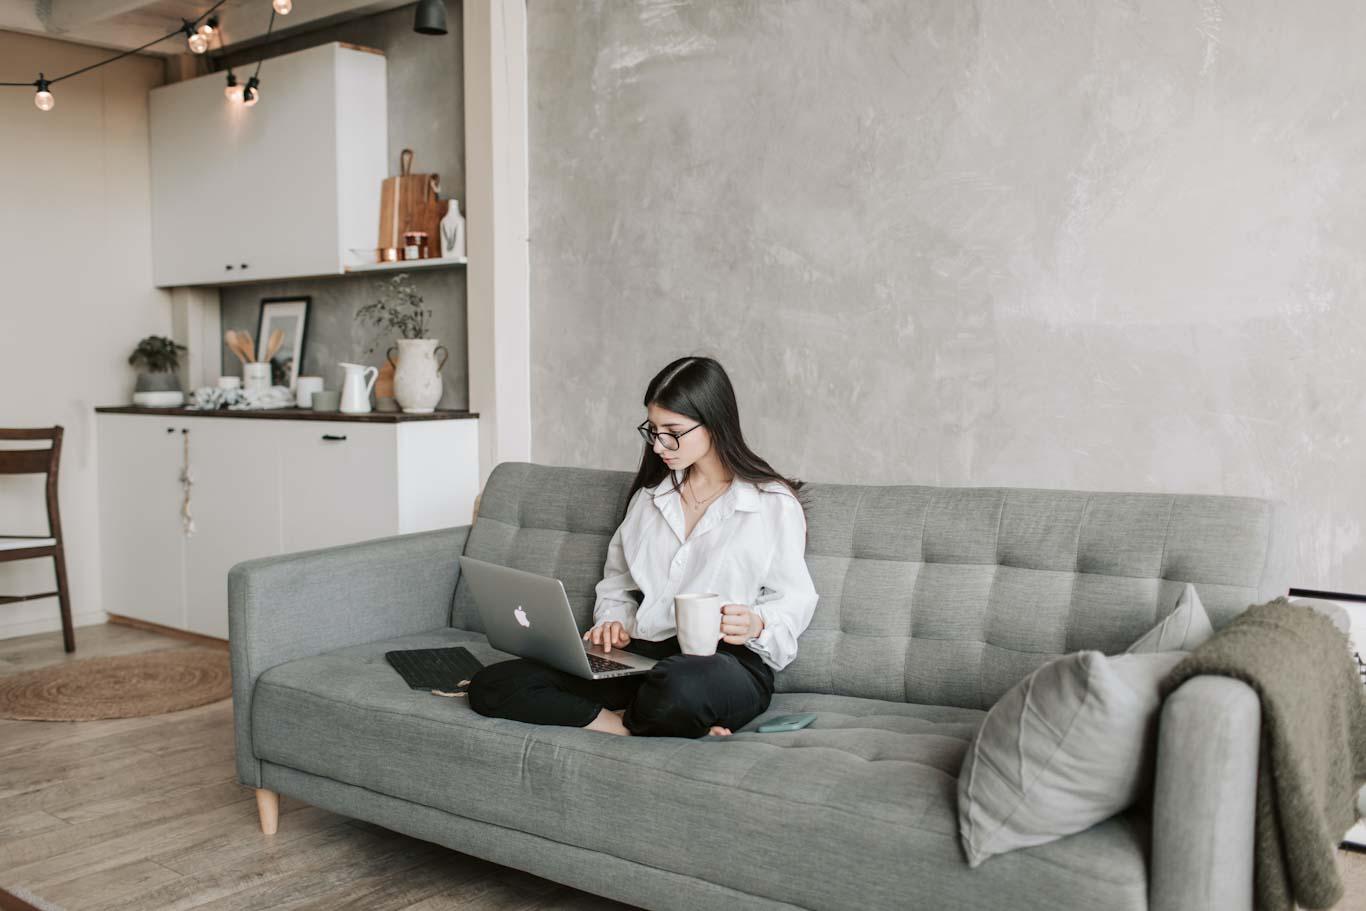 ¿Haces bien el teletrabajo en casa? (Test) 3